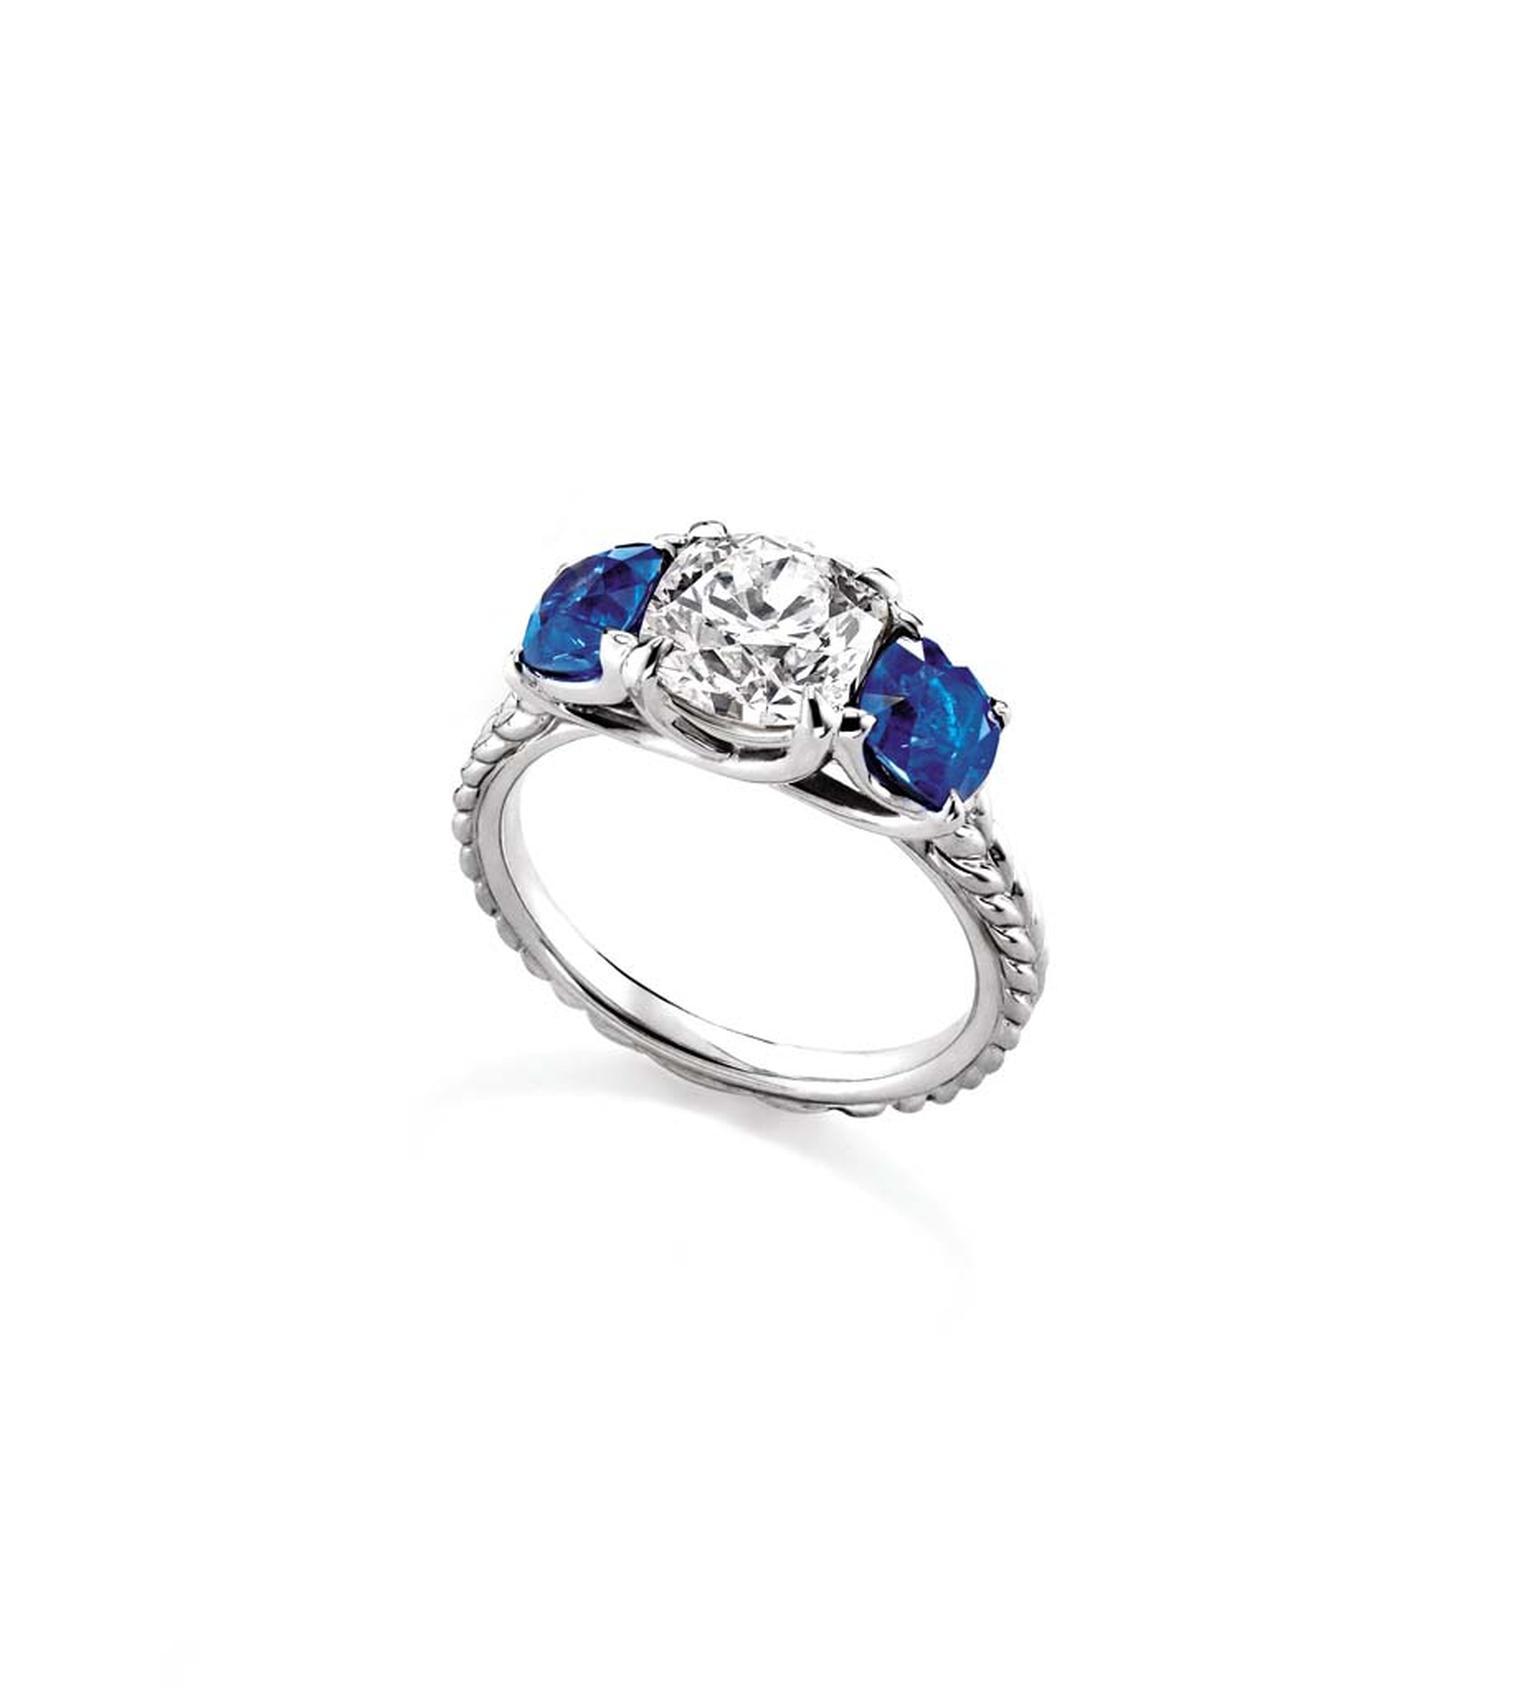 Fabulous David Yurman diamond engagement ring featuring two sapphire DE85